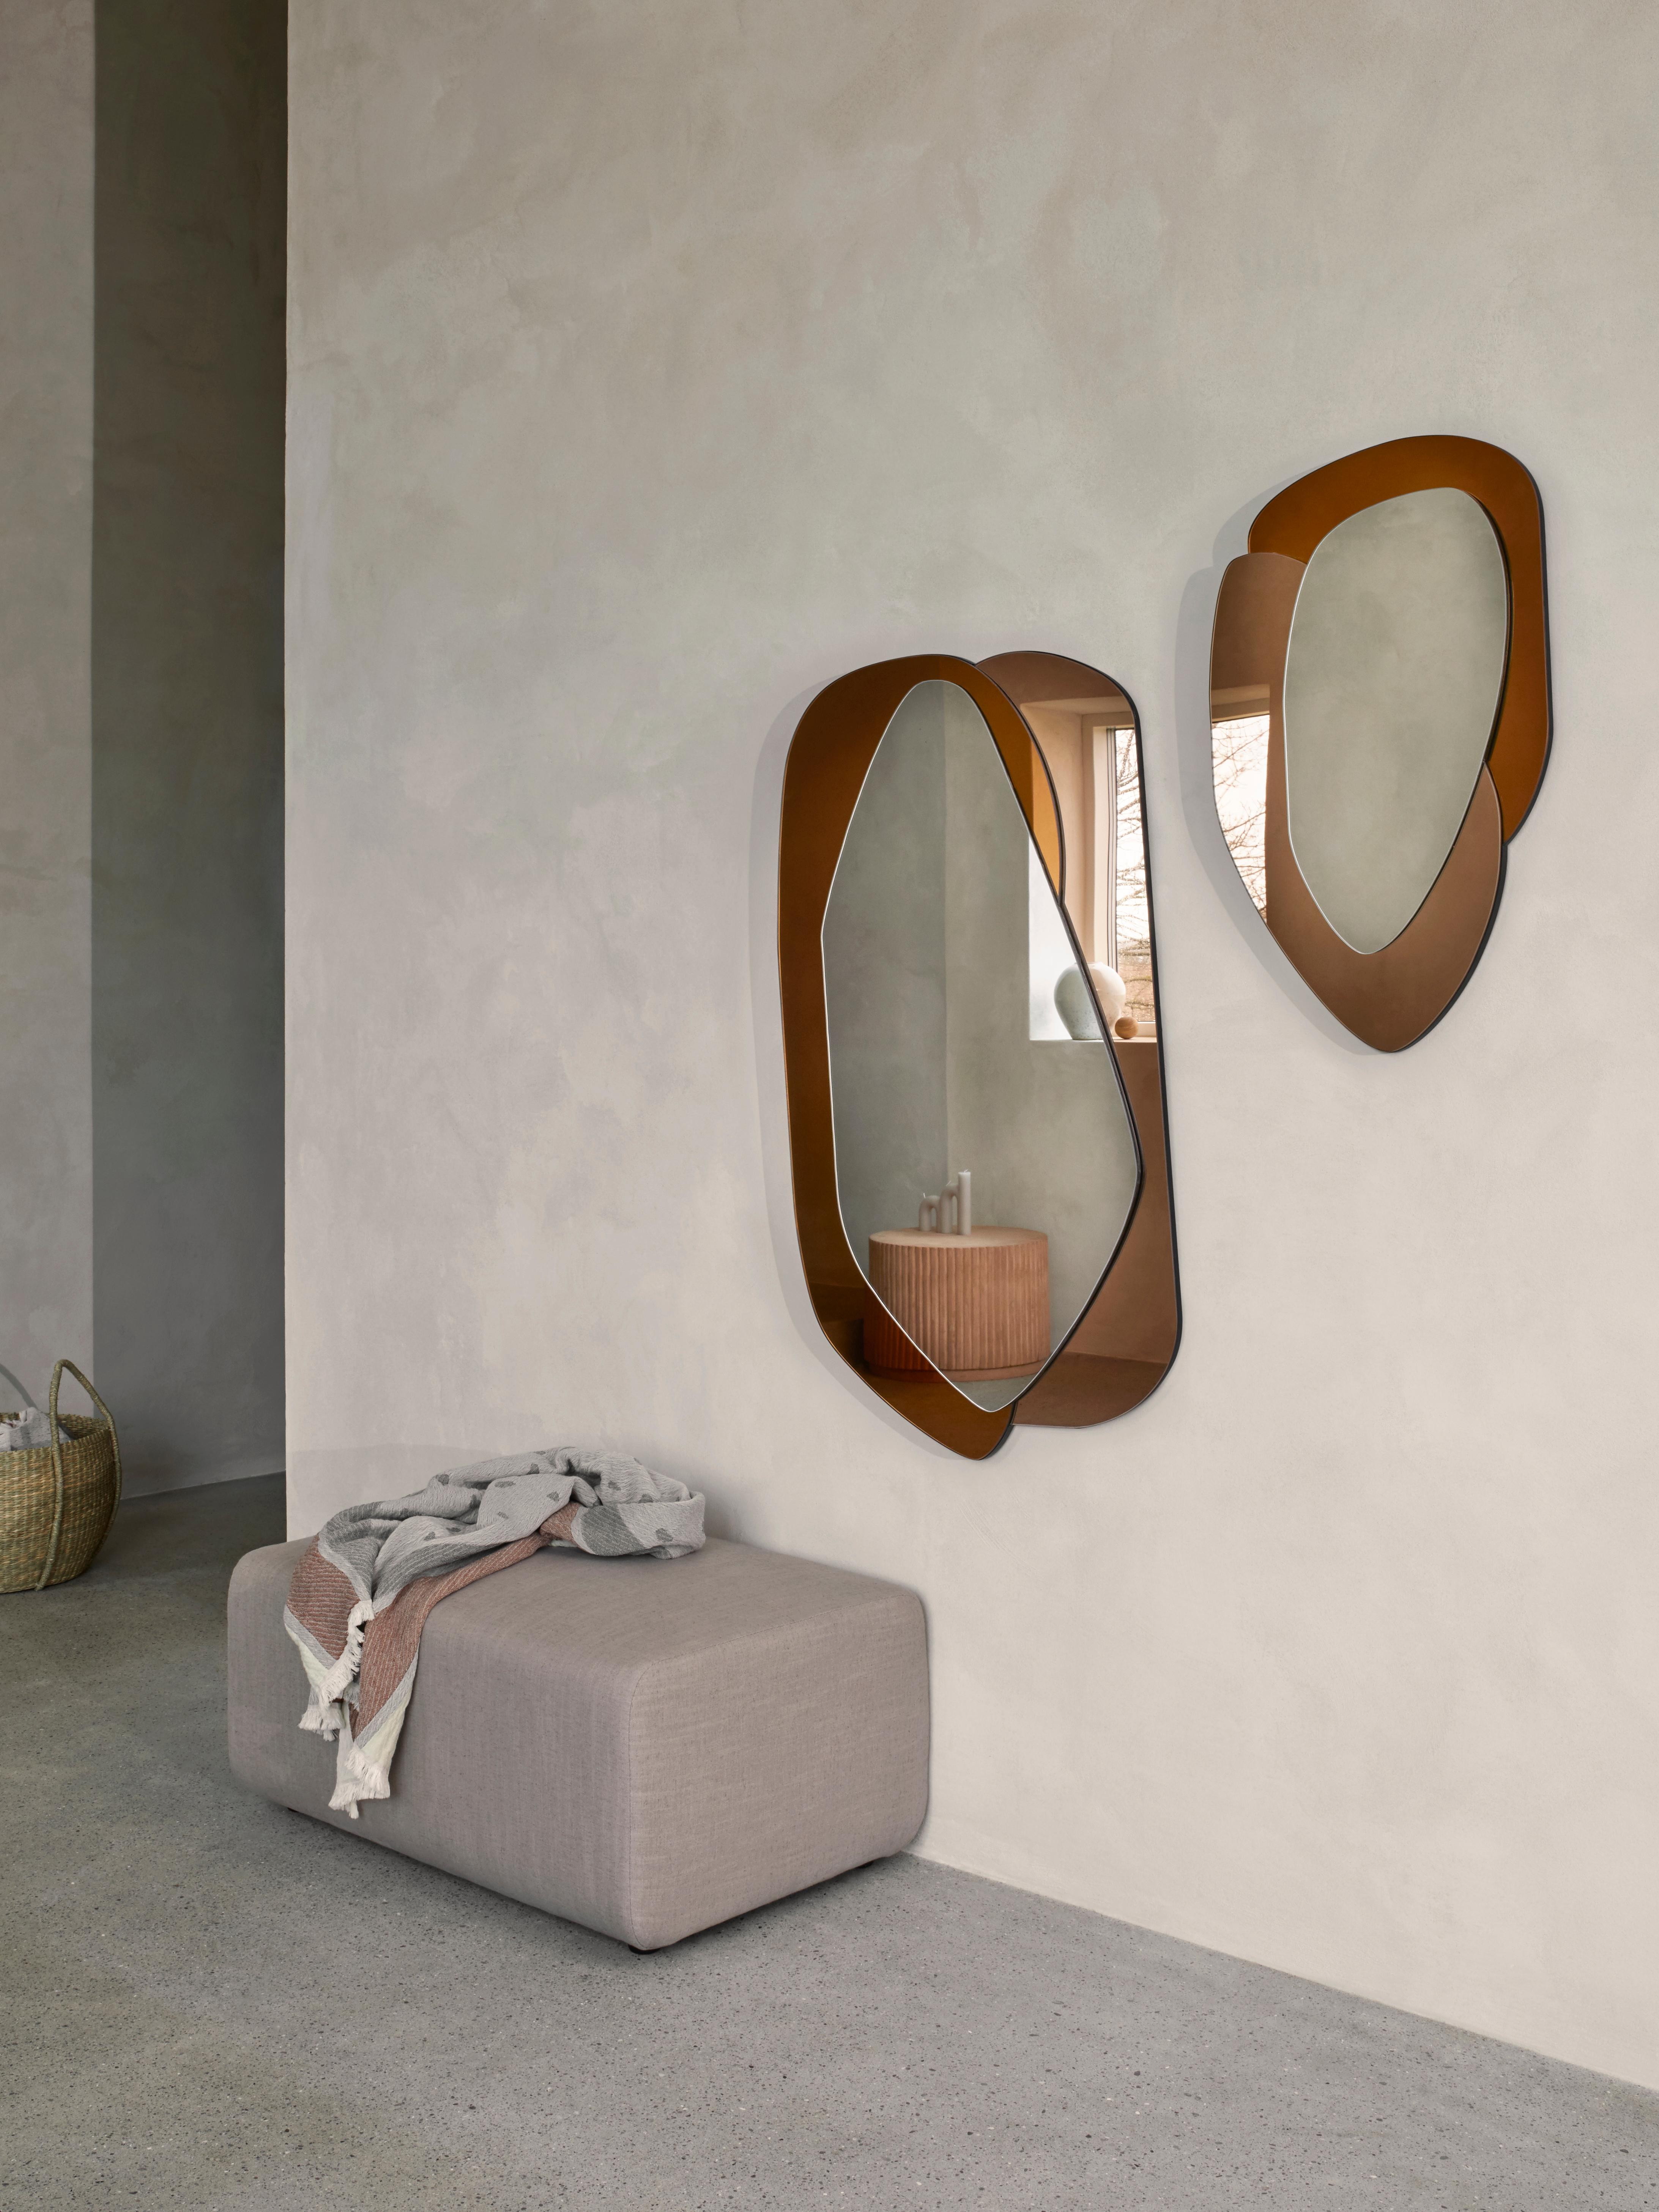 Wandspiegel Layer met lijst van gekleurd glas, Spiegelglas, Oranje, karamelbruin, spiegelglas, 48 x 76 cm